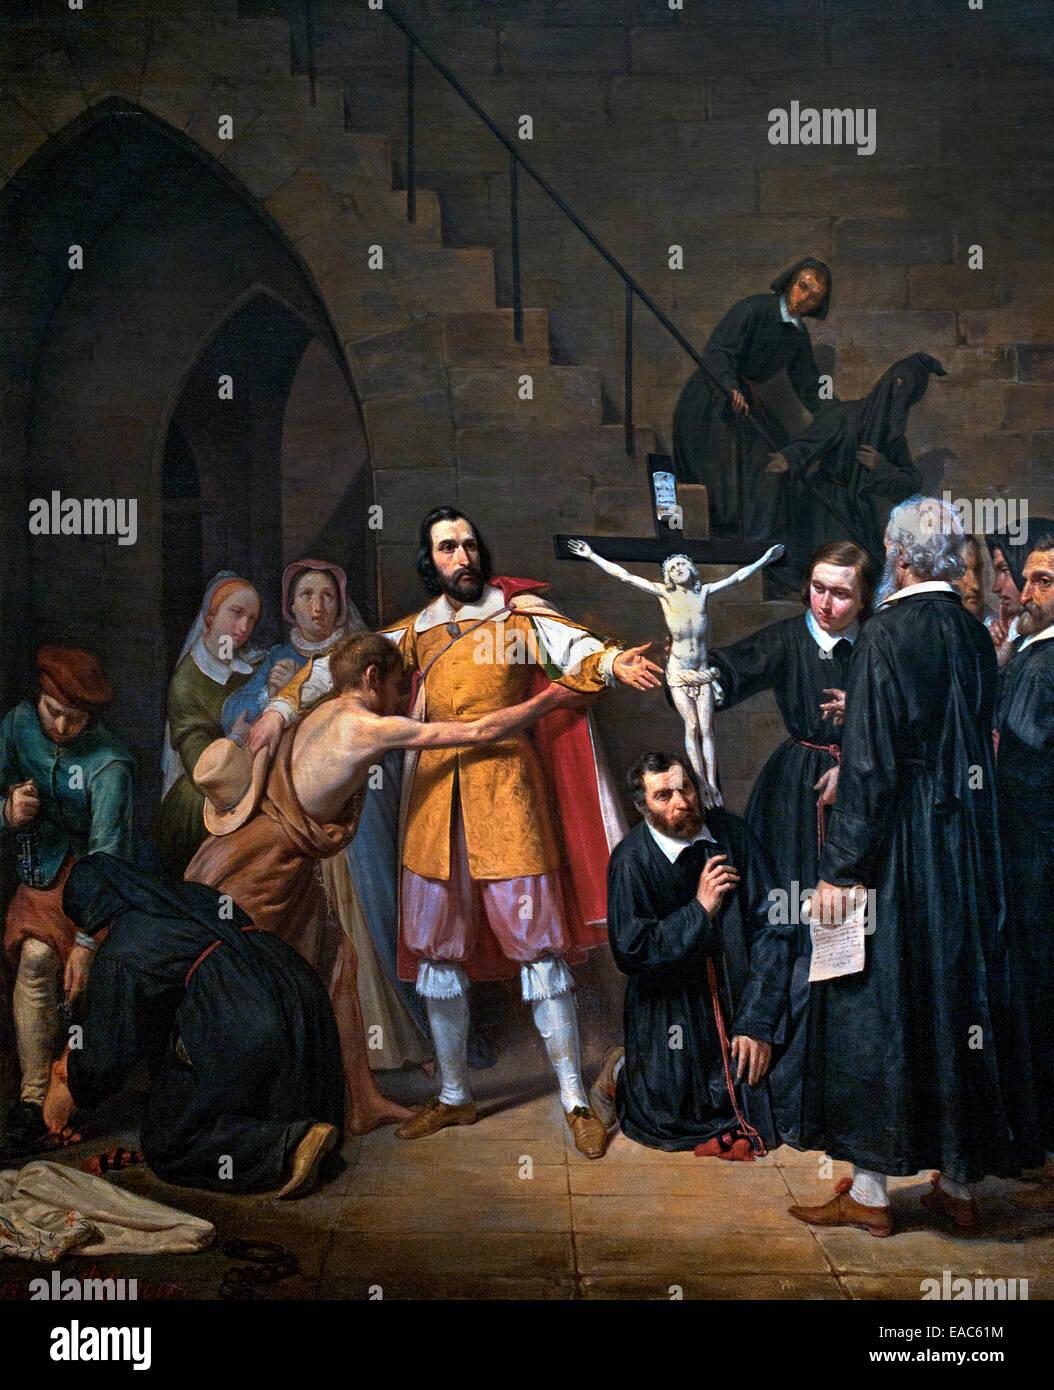 La leggenda del Cristo Nero dei penitenti 1841 Joseph Lacroix 1800-1880 Francia - Francese Immagini Stock